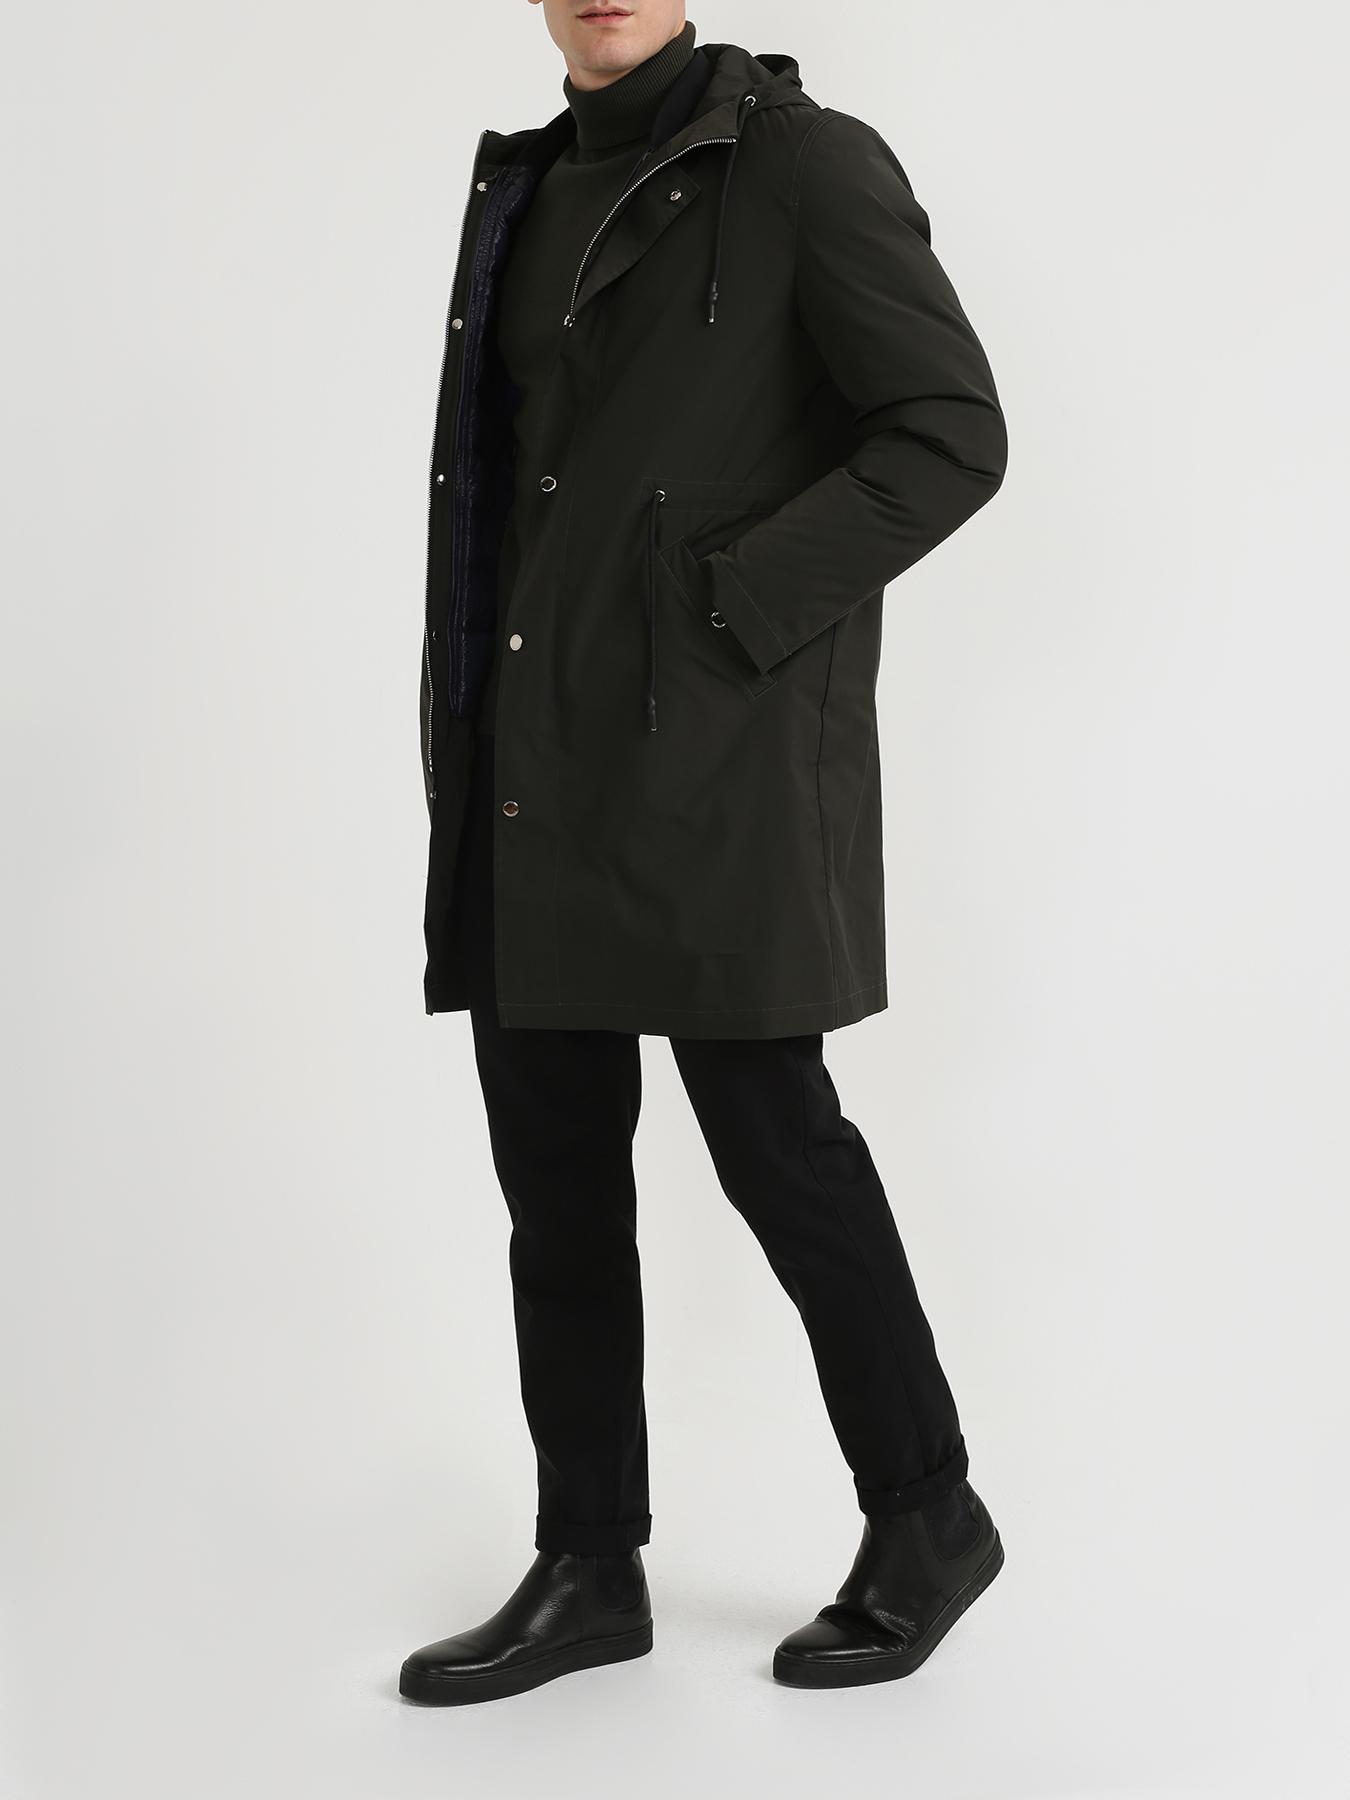 Куртка Korpo Two 2 в 1